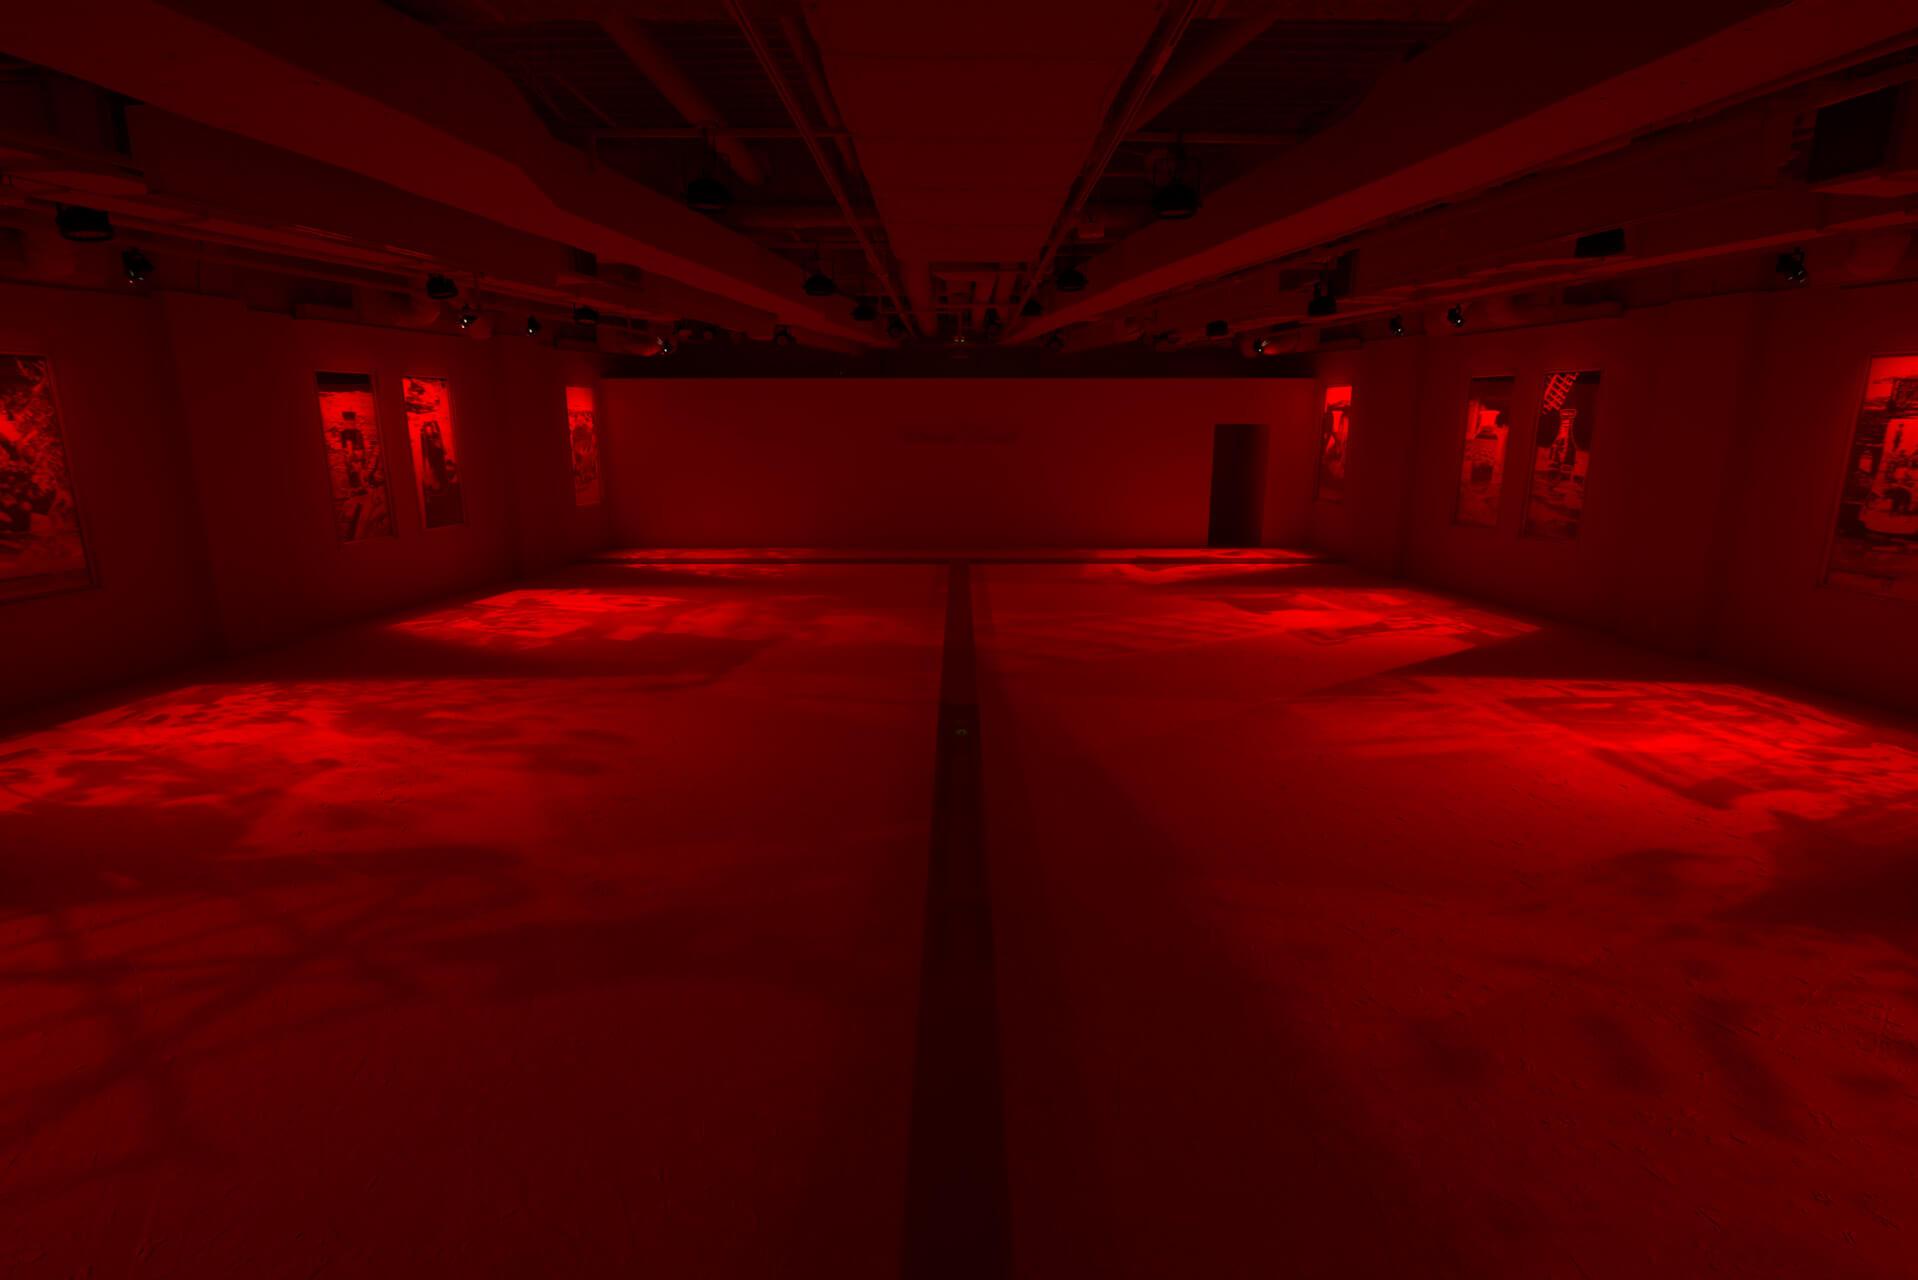 大巻展展示風景 現代美術・アート Contemporary Art オフソサエティ offsociety